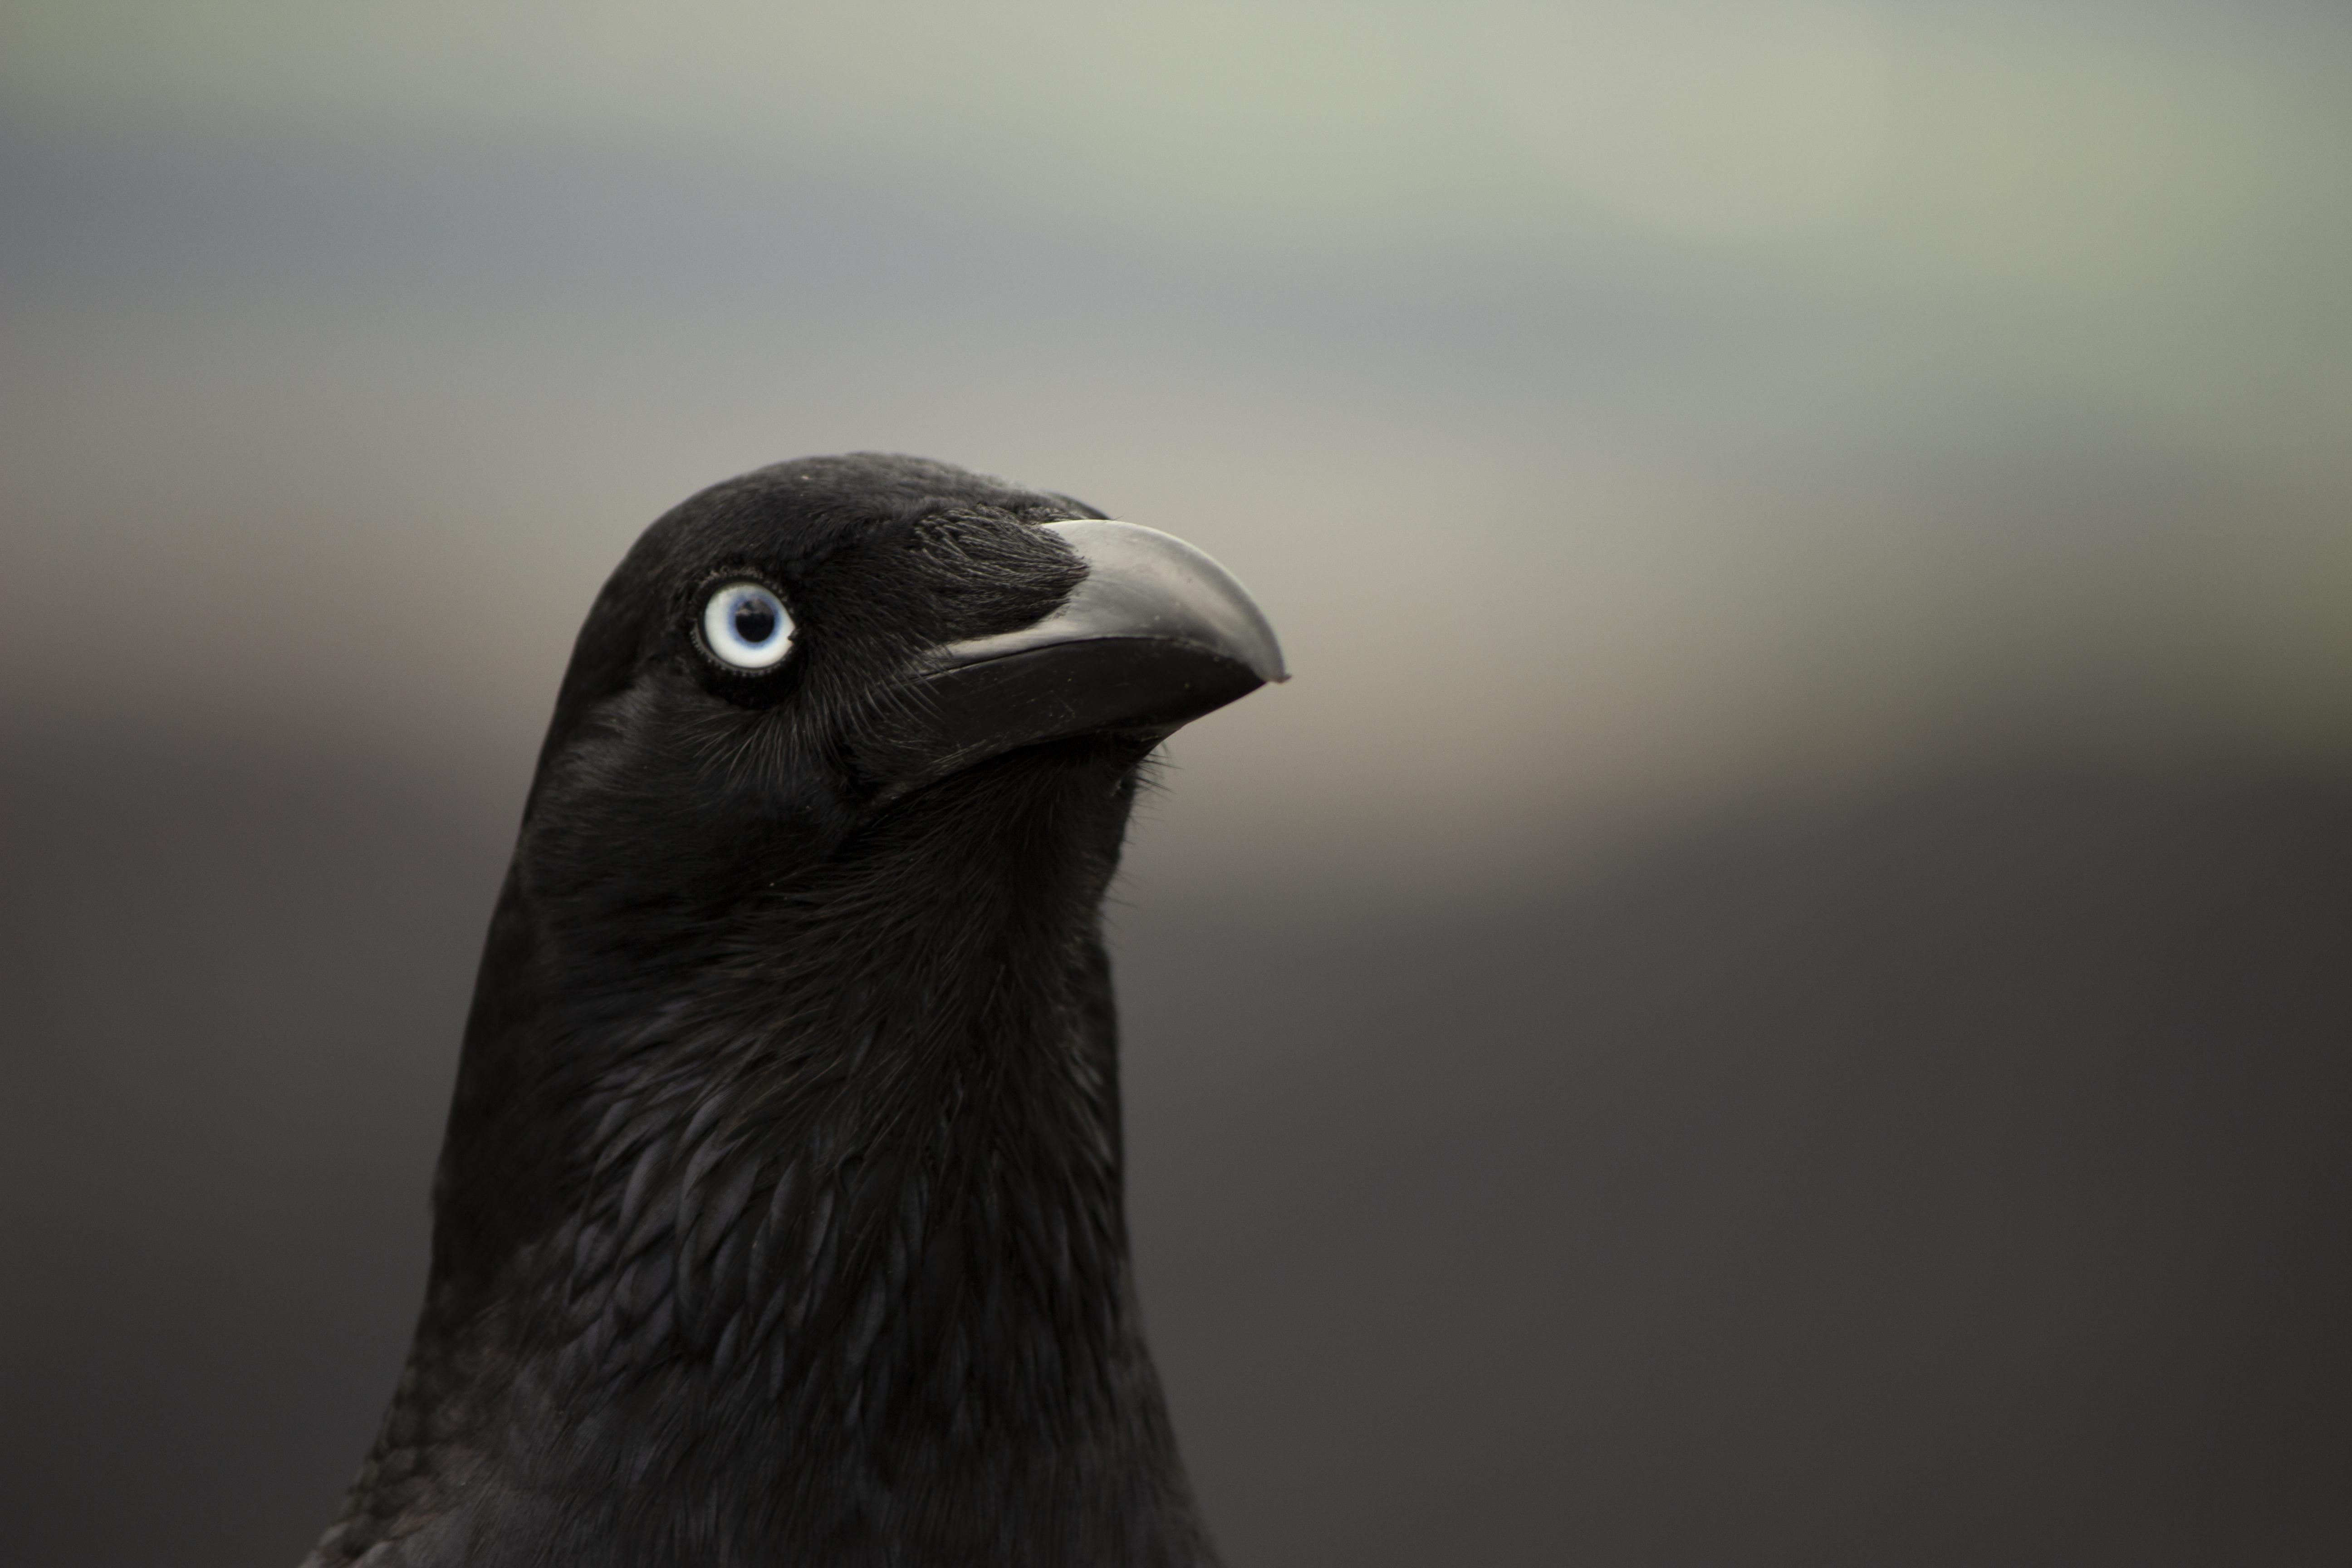 μια φωτογραφία του ένα μεγάλο μαύρο πουλίνέος Ασιάτης/ισσα πορνό εικόνα